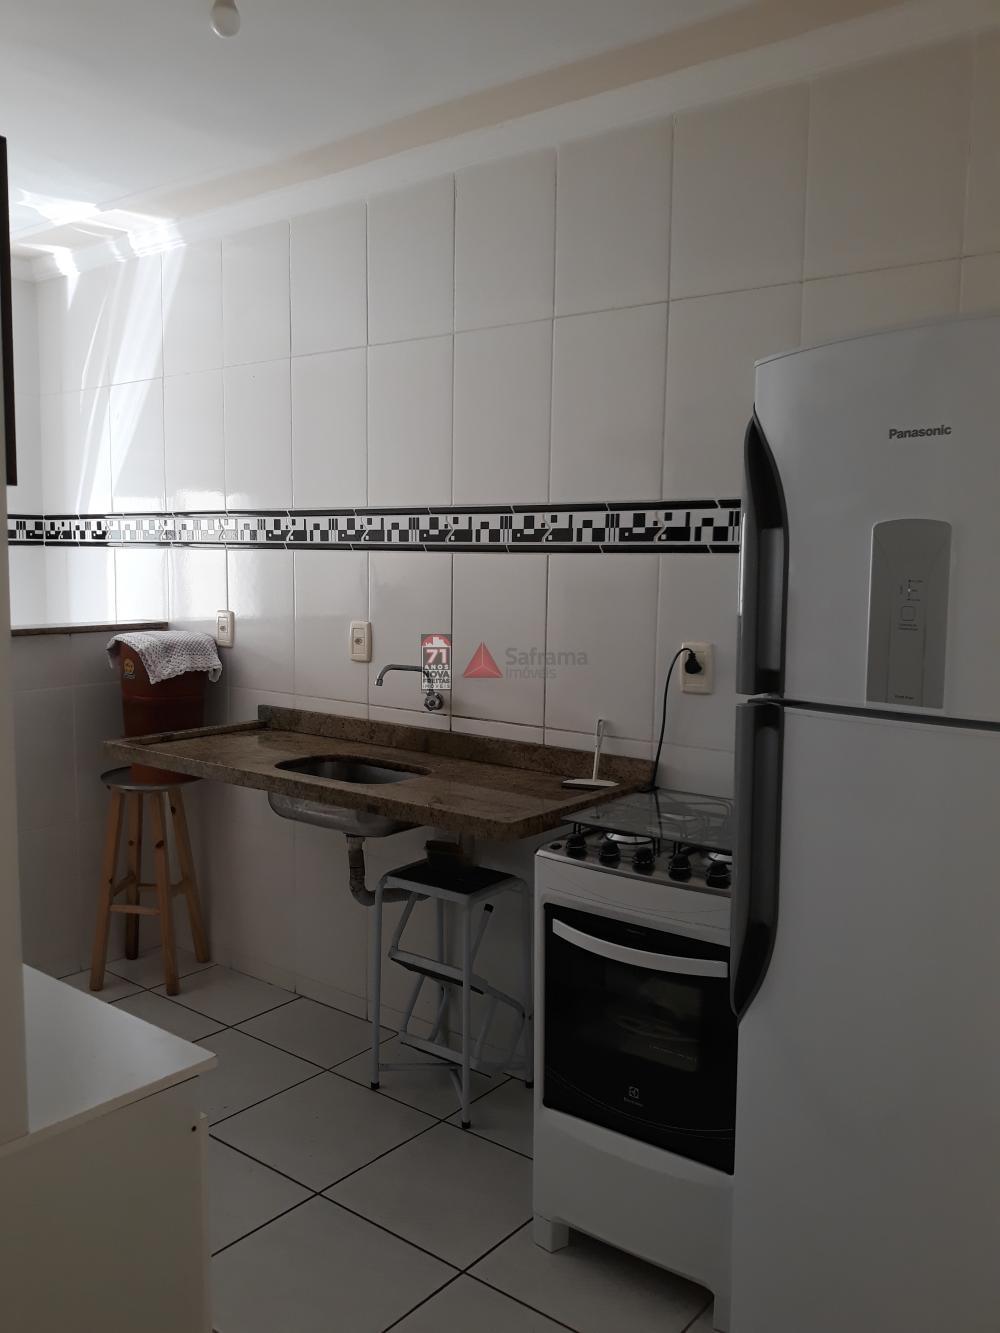 Comprar Apartamento / Padrão em São José dos Campos apenas R$ 300.000,00 - Foto 8